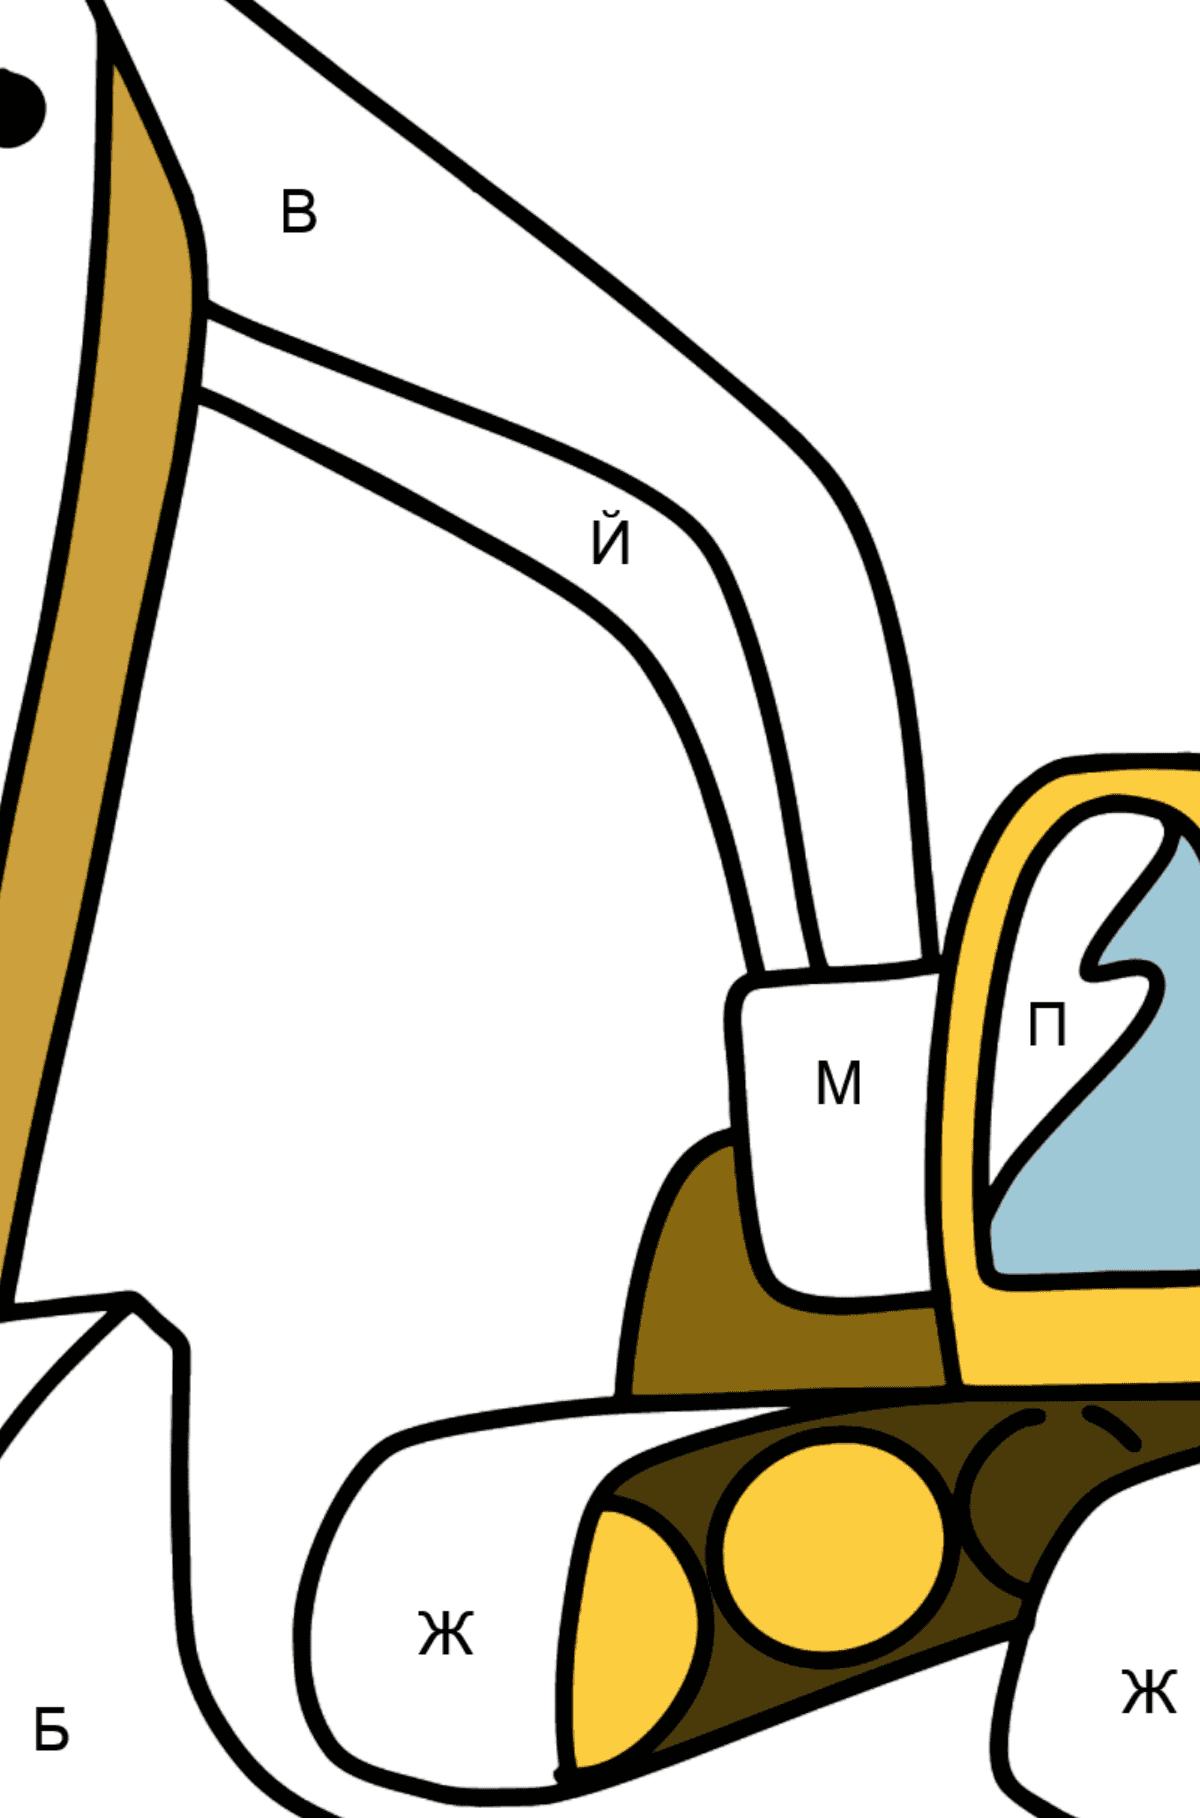 Раскраска трактор-экскаватор - Раскраска по Буквам для Детей